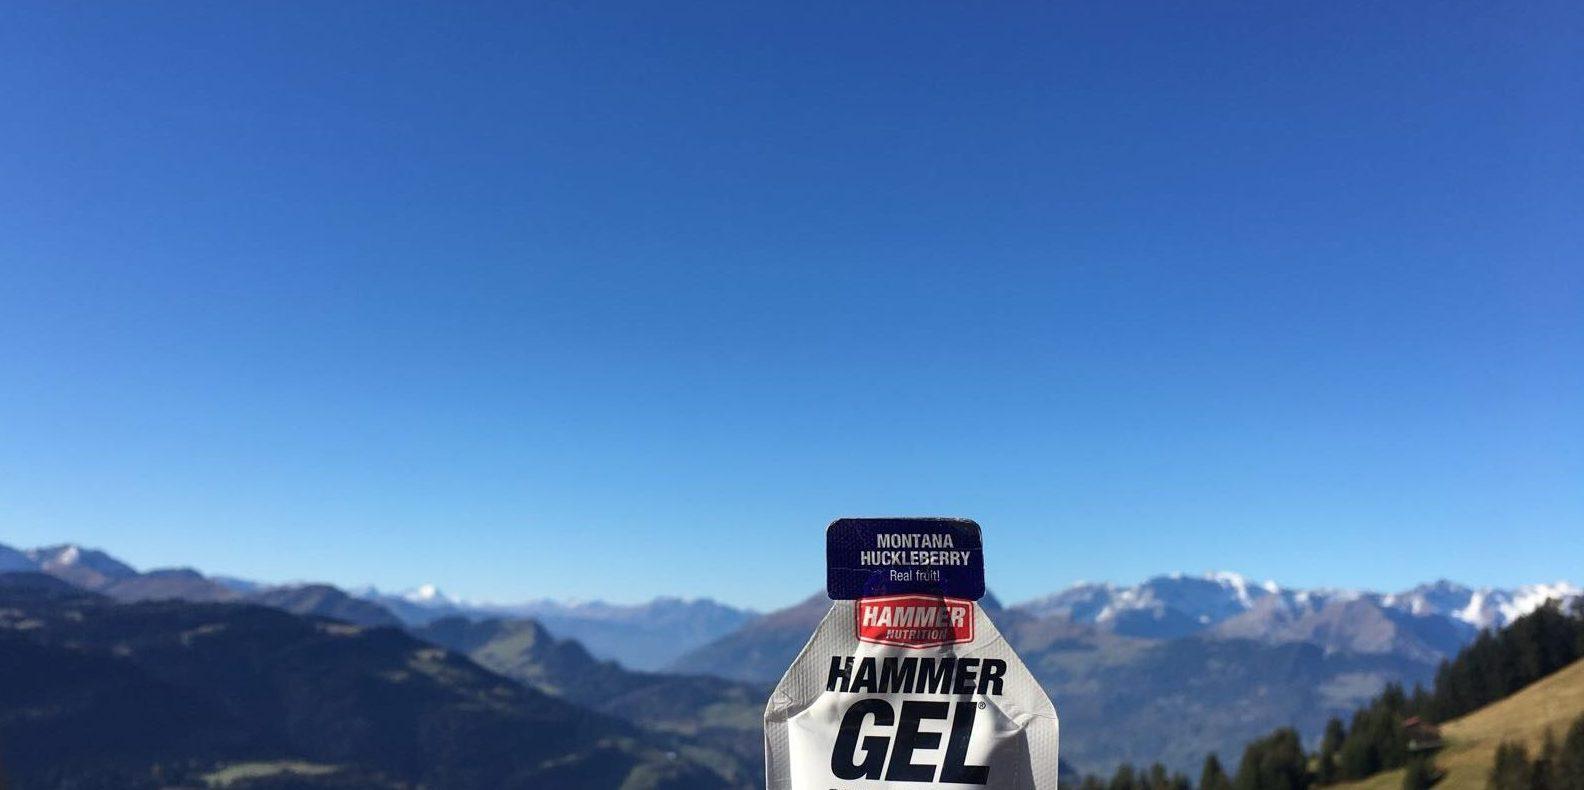 Hammer Gel Montana